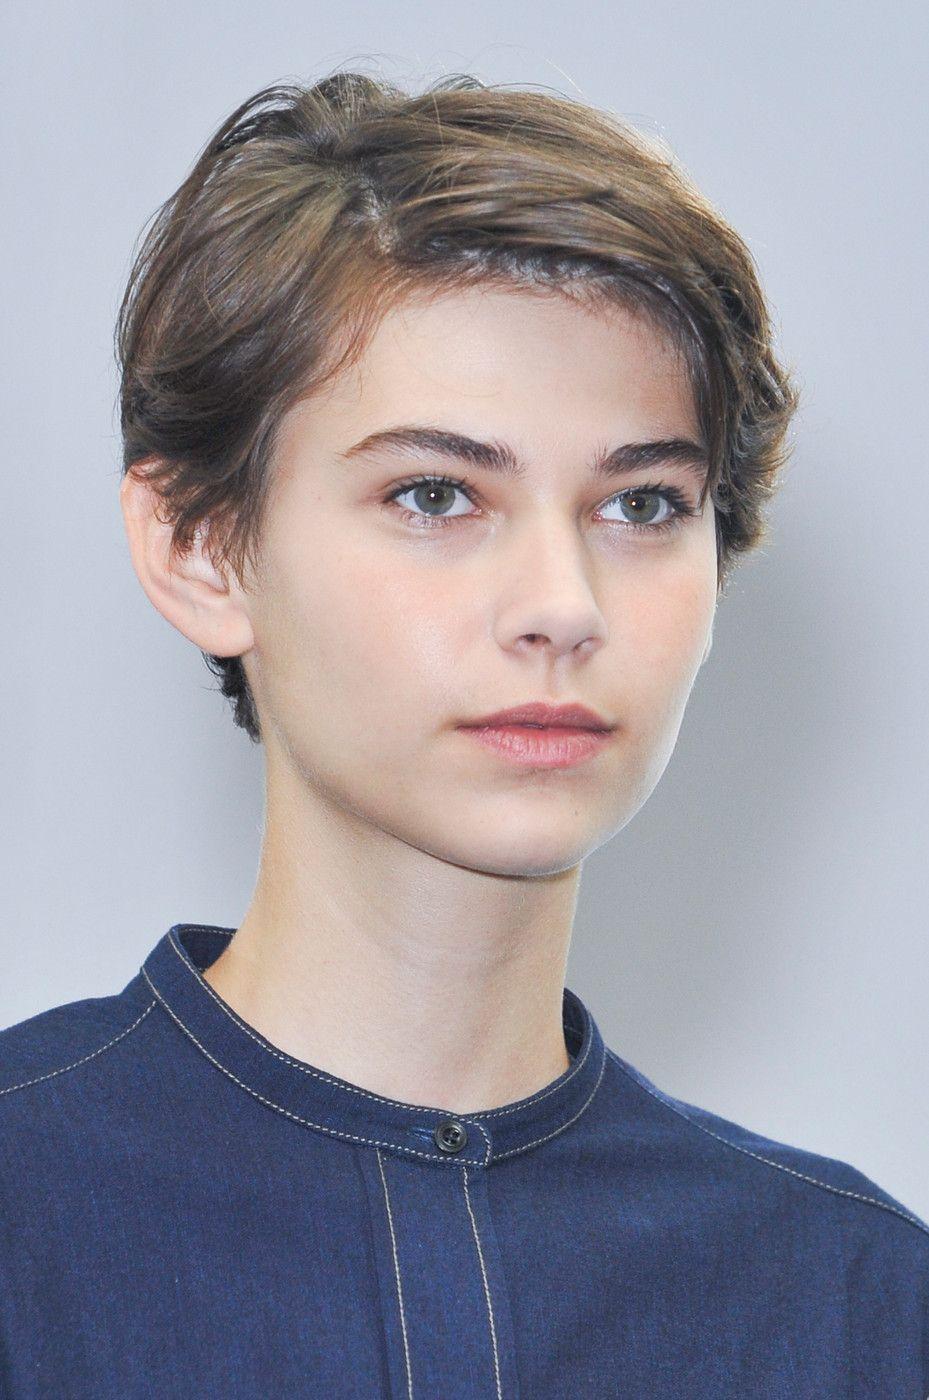 Amra Cerkezovic Short Summer Hair Short Hair Styles Hair Styles